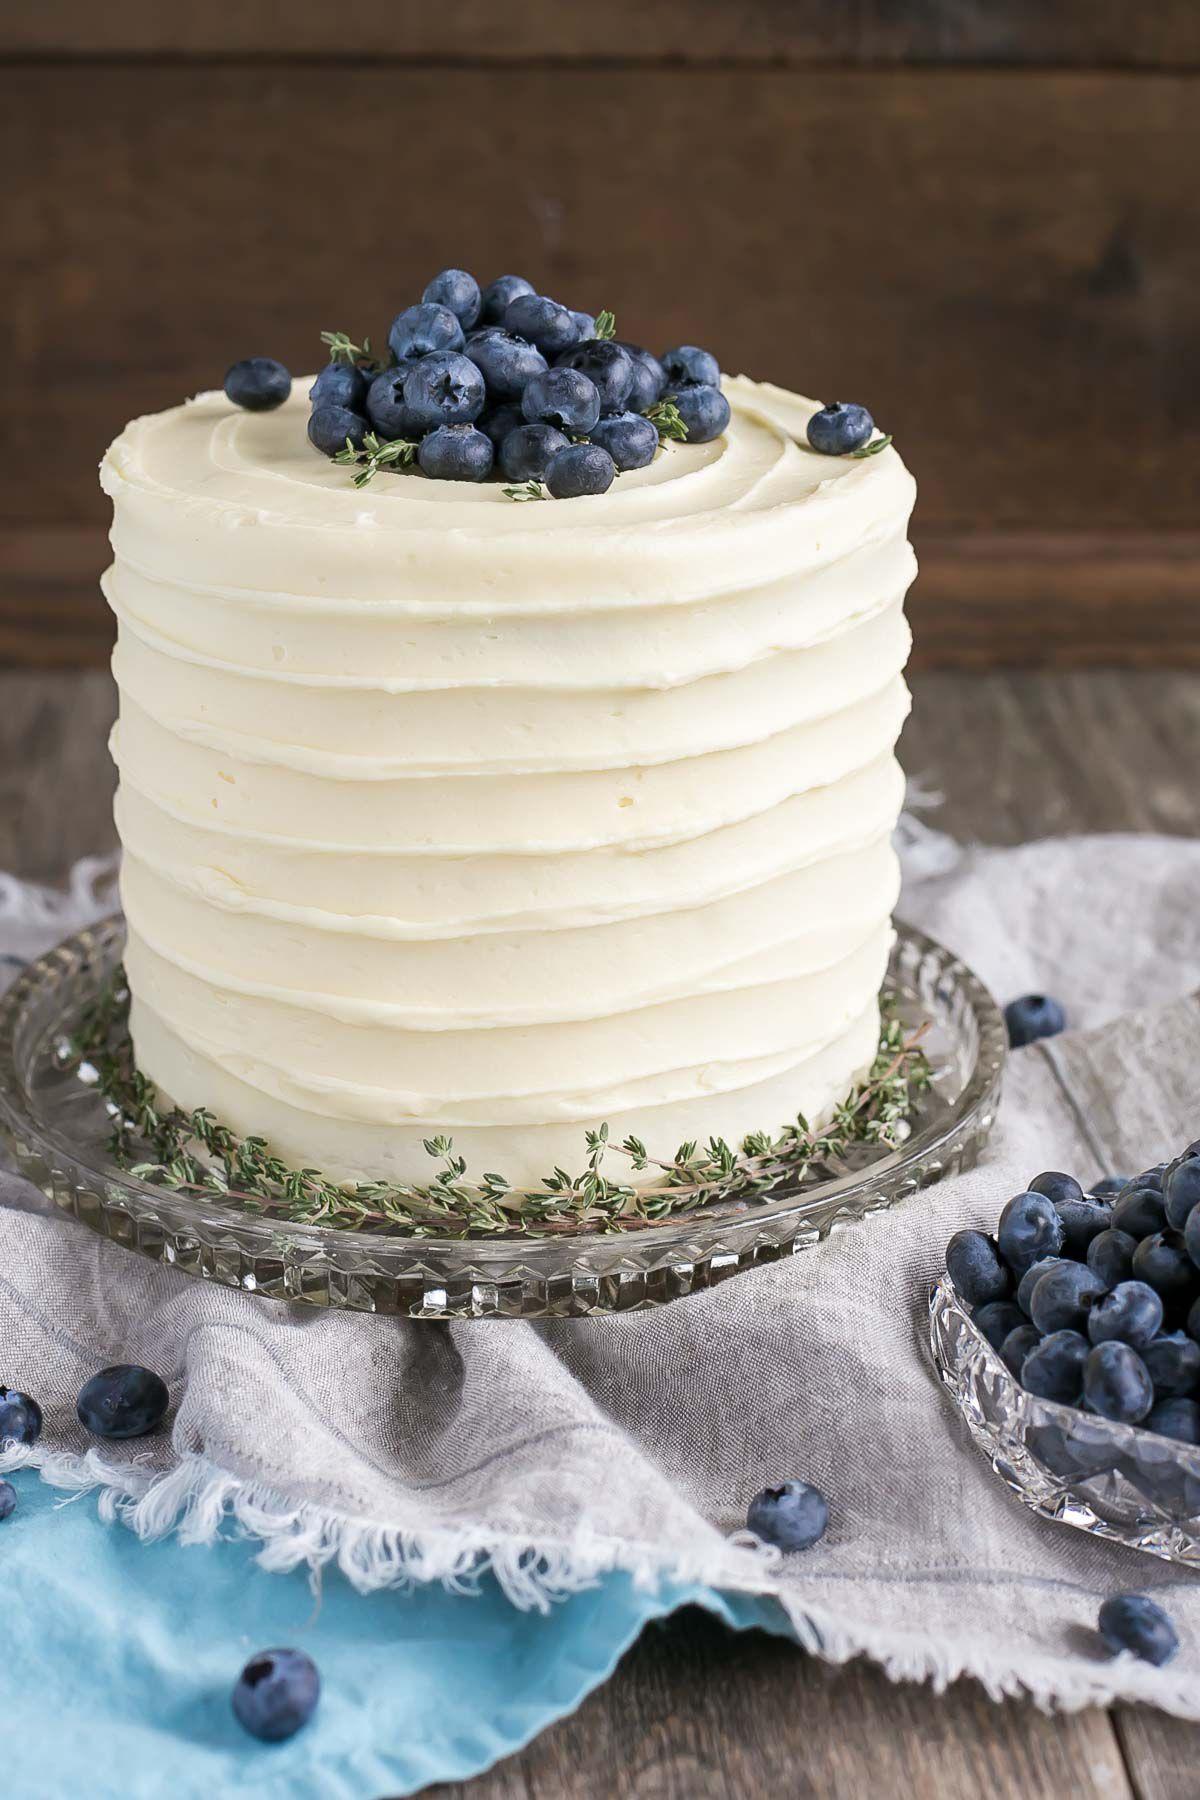 24 homemade birthday cake